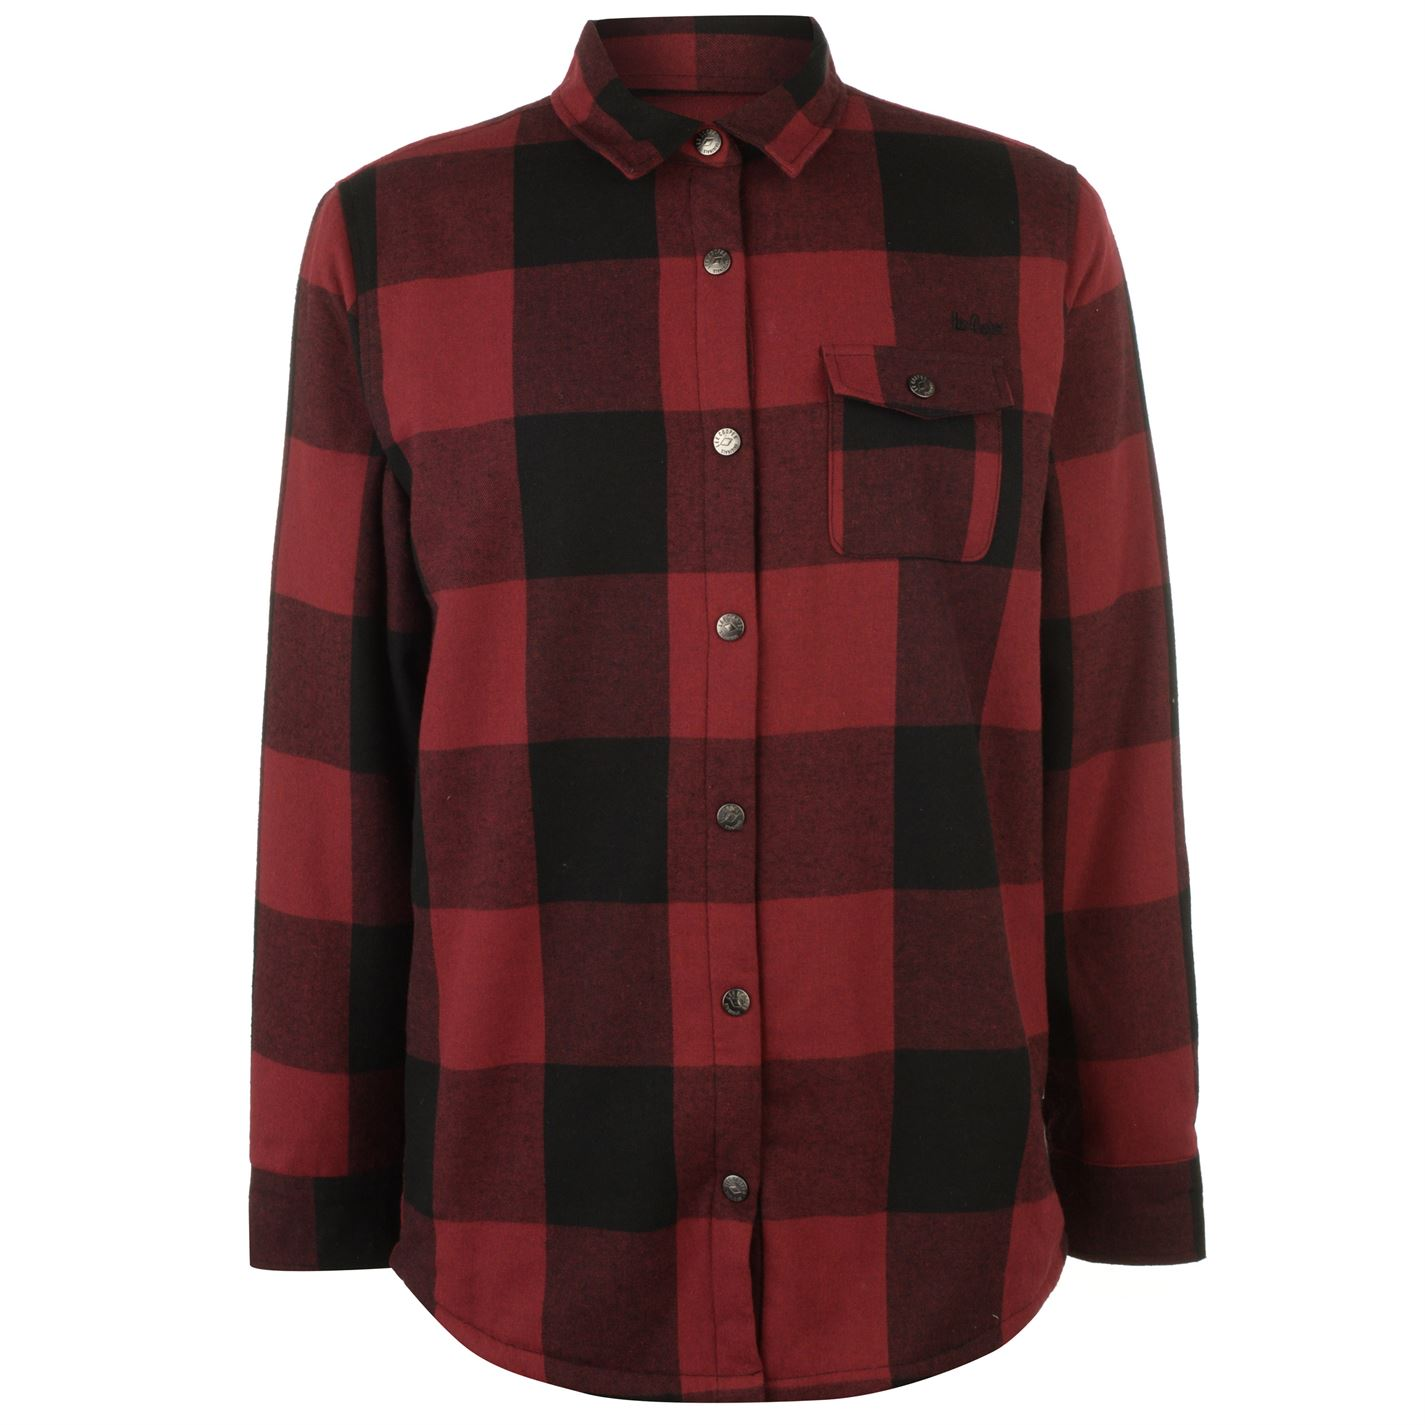 Lee Cooper Lined Flannel Pánská košile 55058503 SD_Large